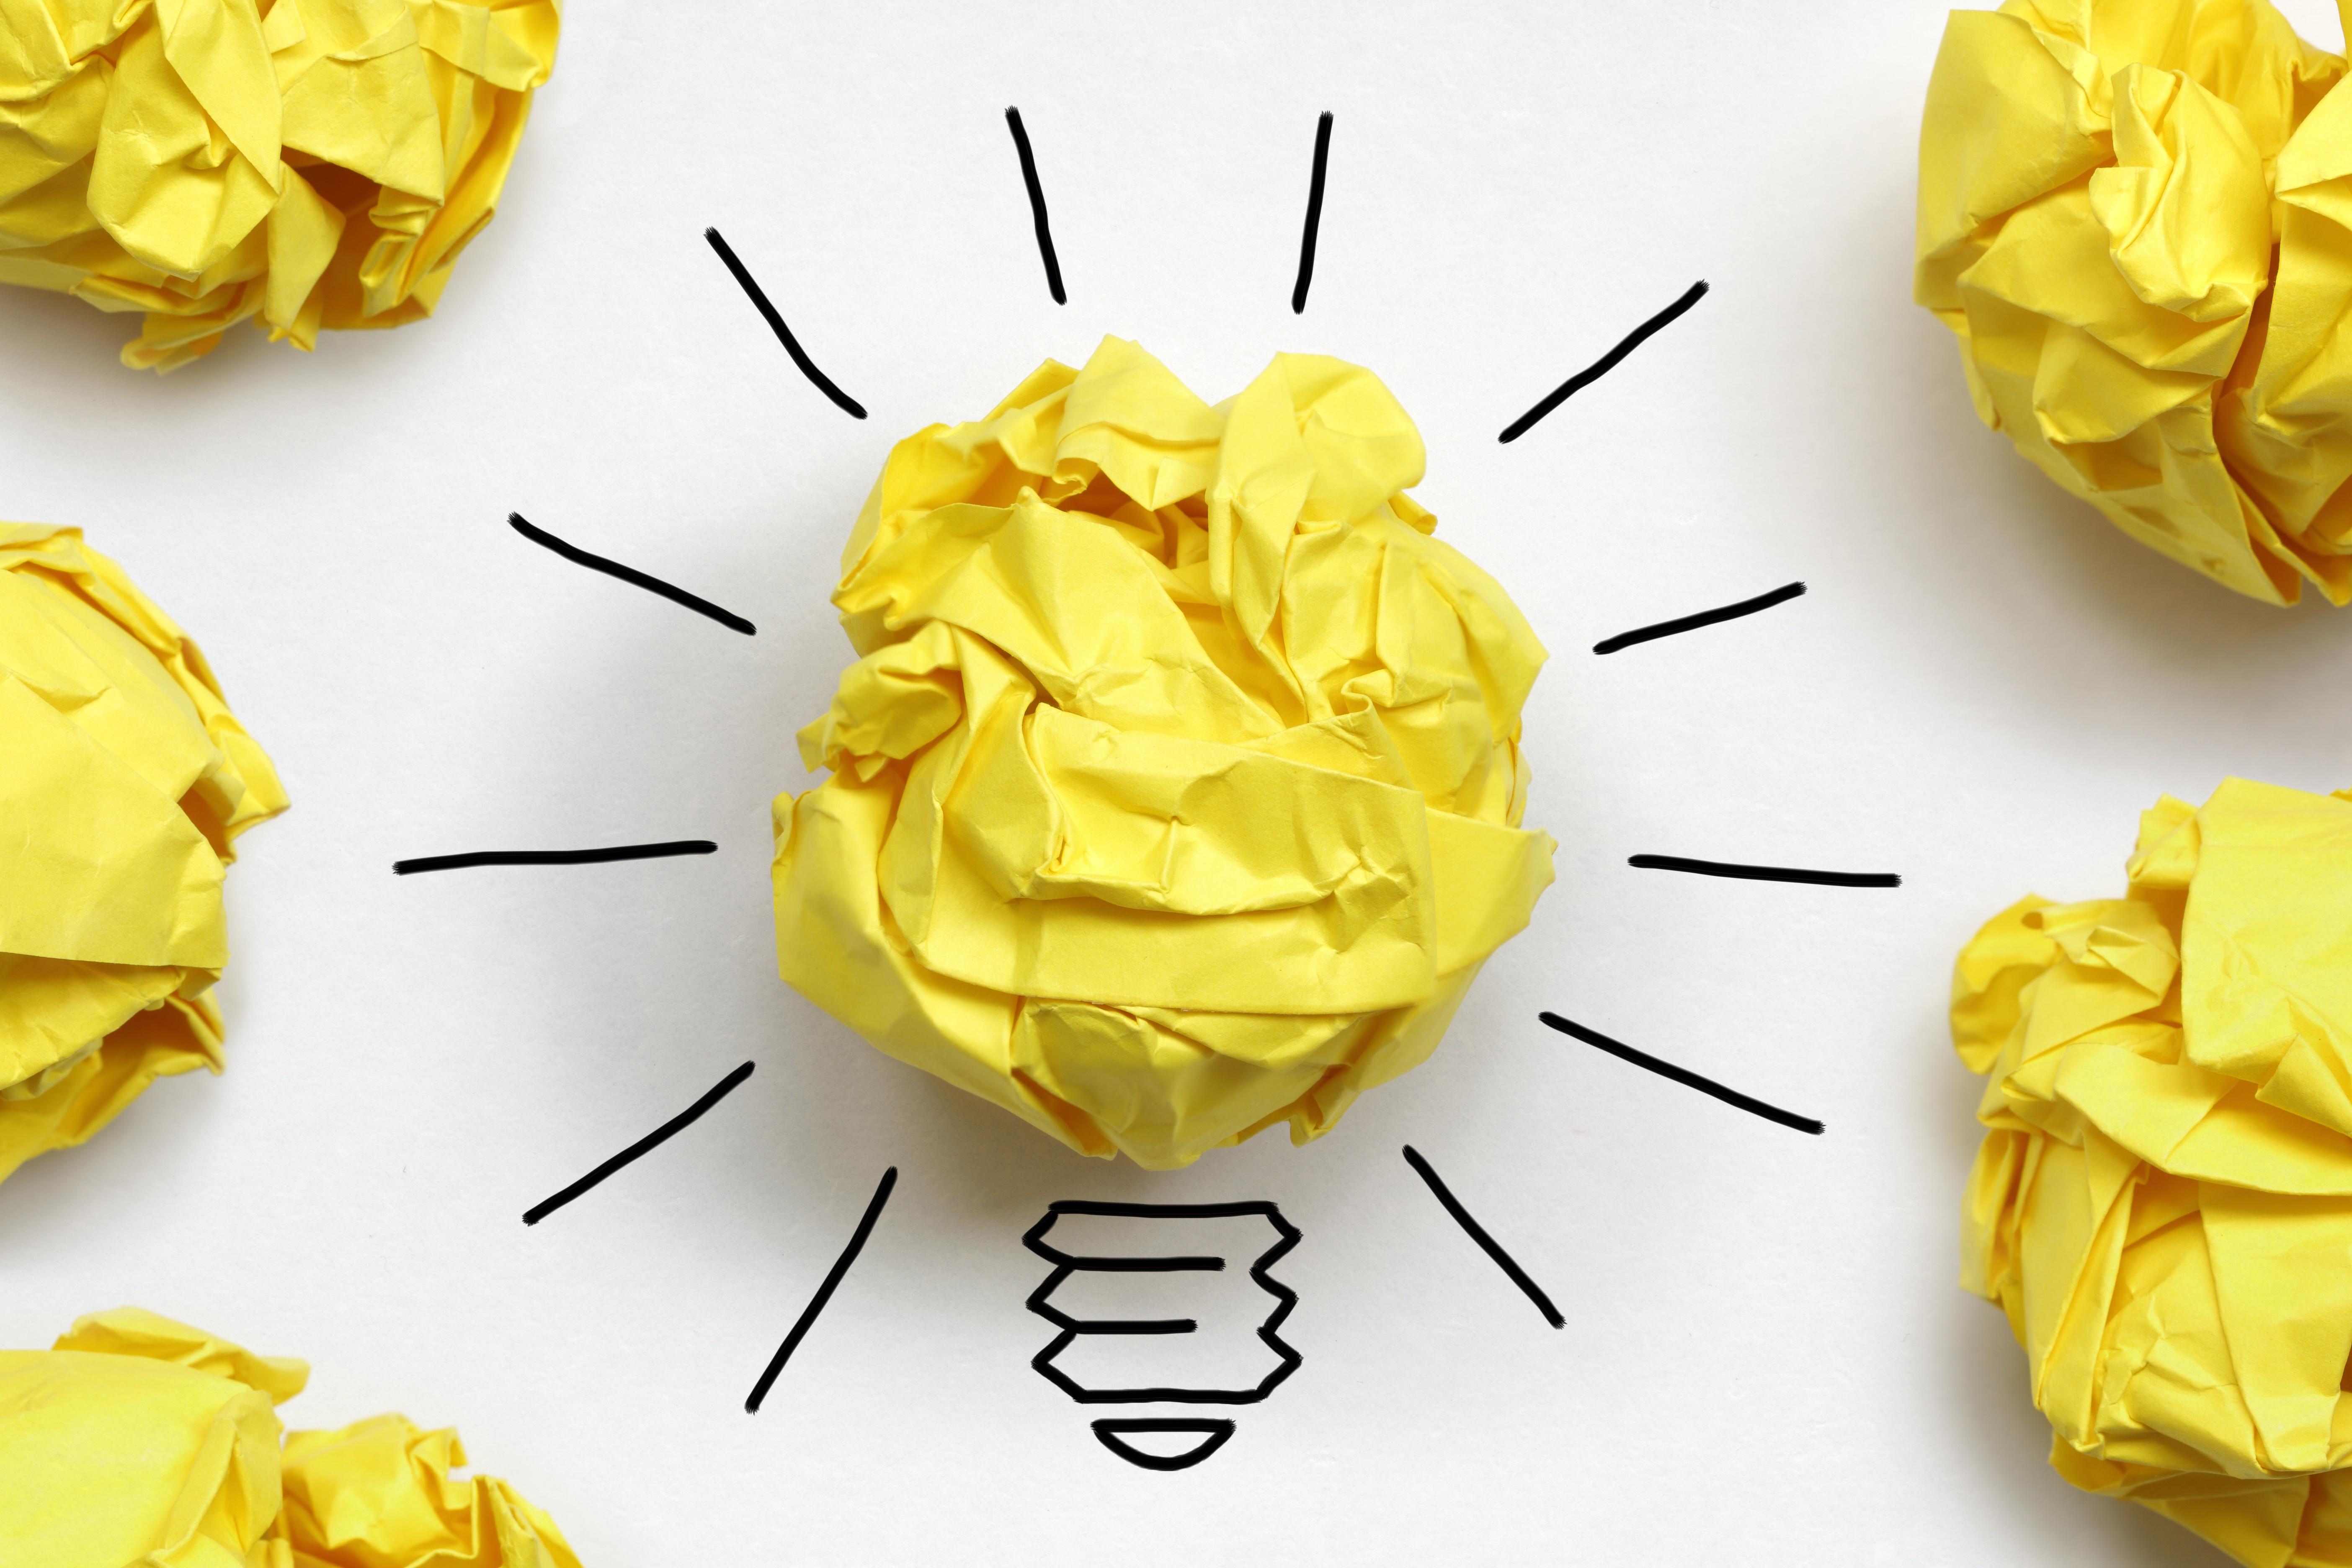 desarrollar una empresa innovadora